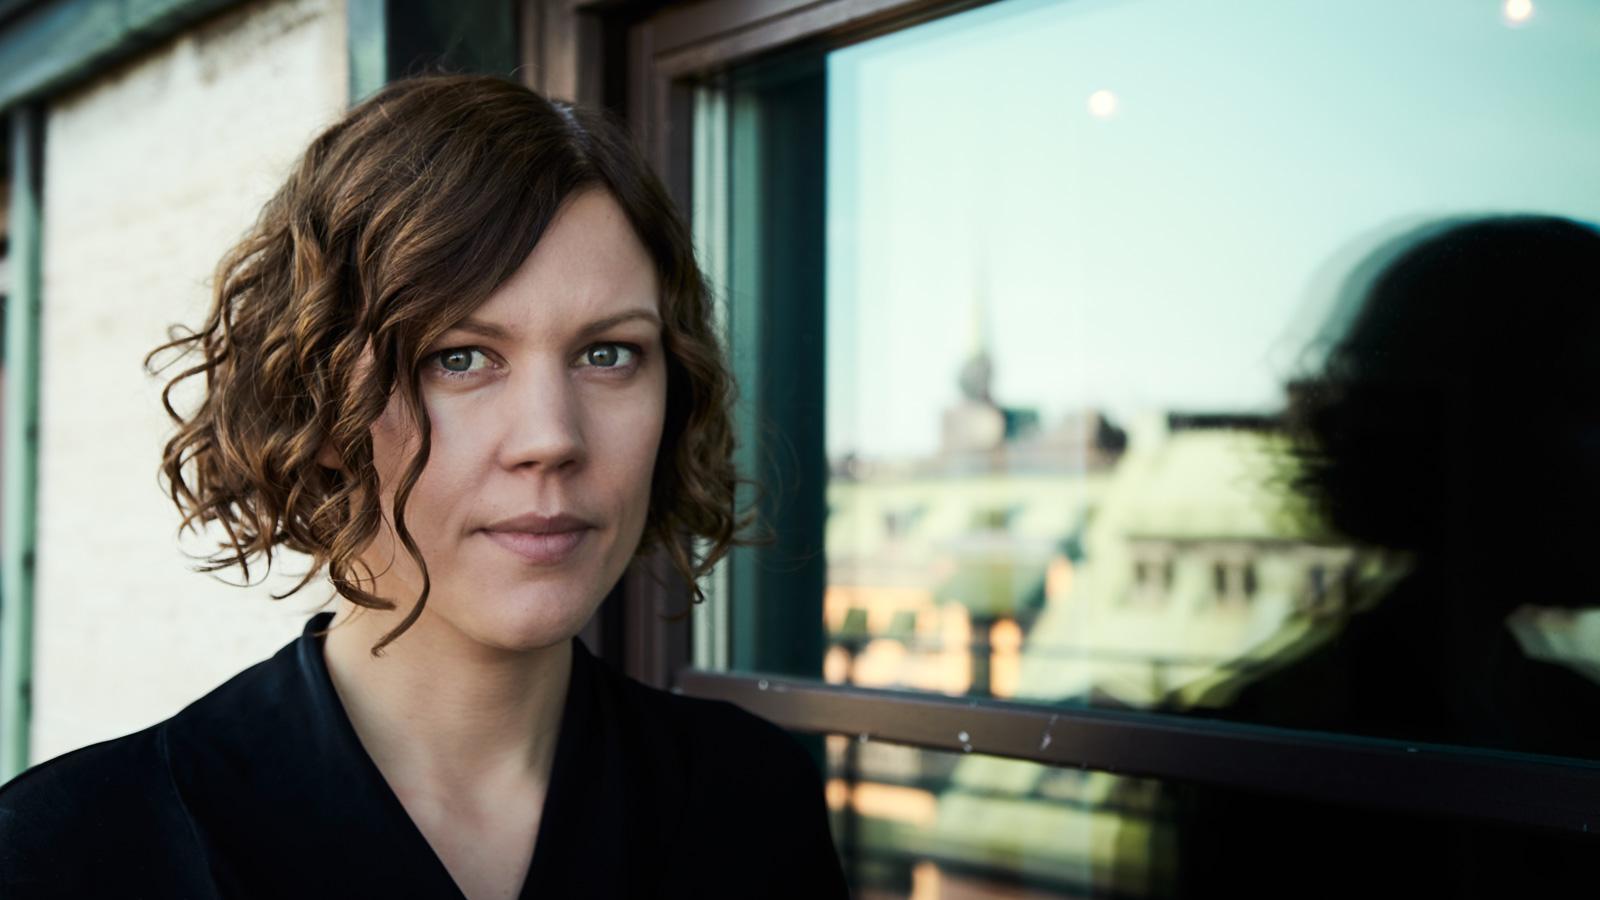 Amanda Kernell: Filmerna får gärna provocera på ett känslomässigt plan